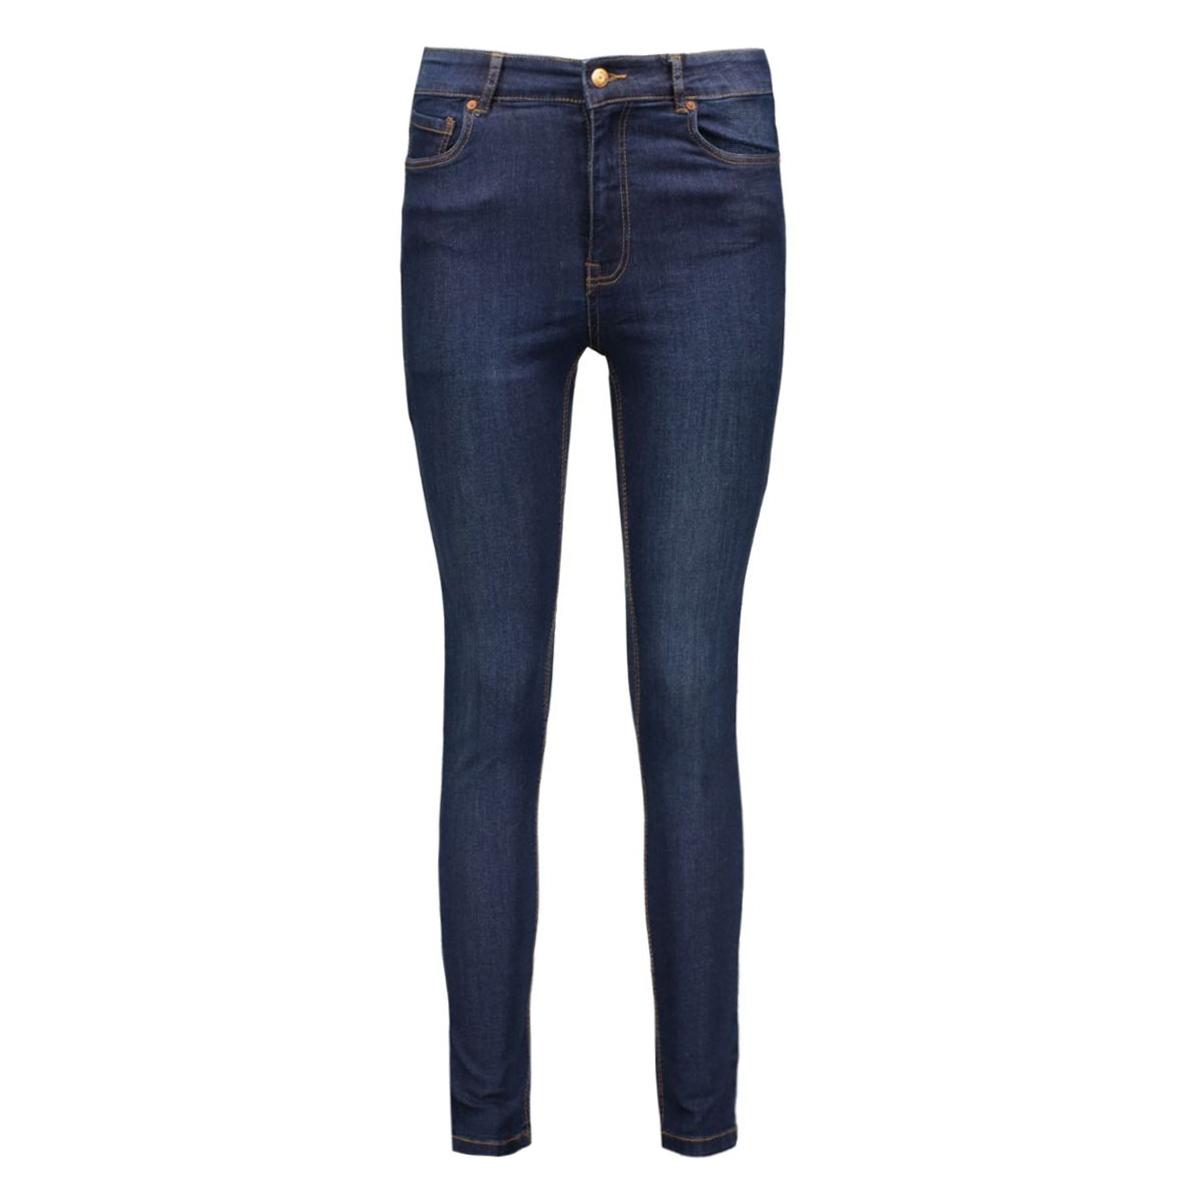 jeans noa7 mango broeken 73020081-to